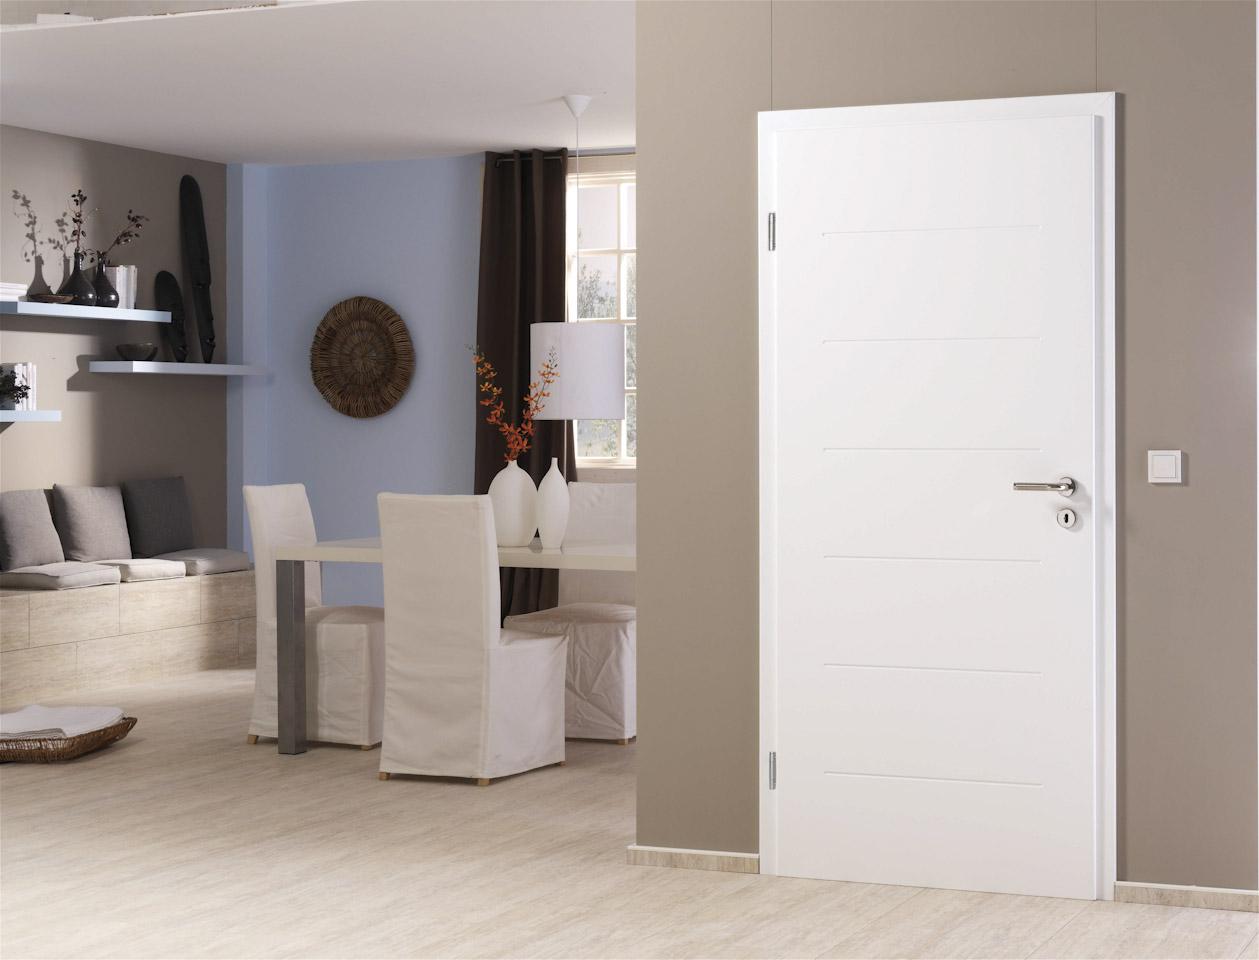 bauelemente ehning baustoffe. Black Bedroom Furniture Sets. Home Design Ideas